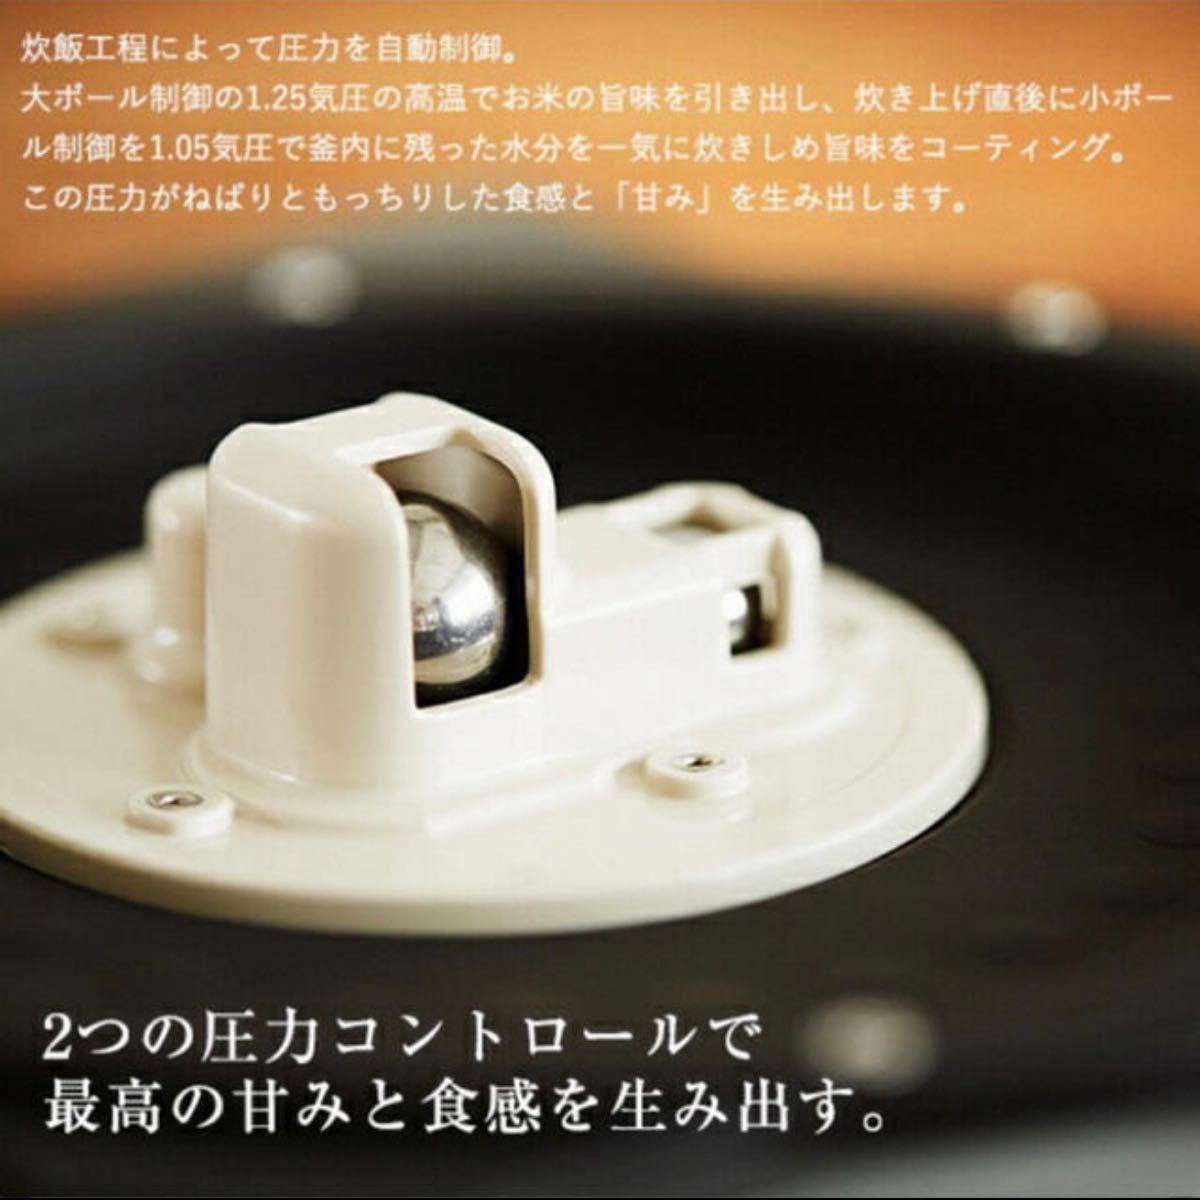 タイガー 圧力IH 炊飯器 JPC-G100 5.5合 エアリーホワイト